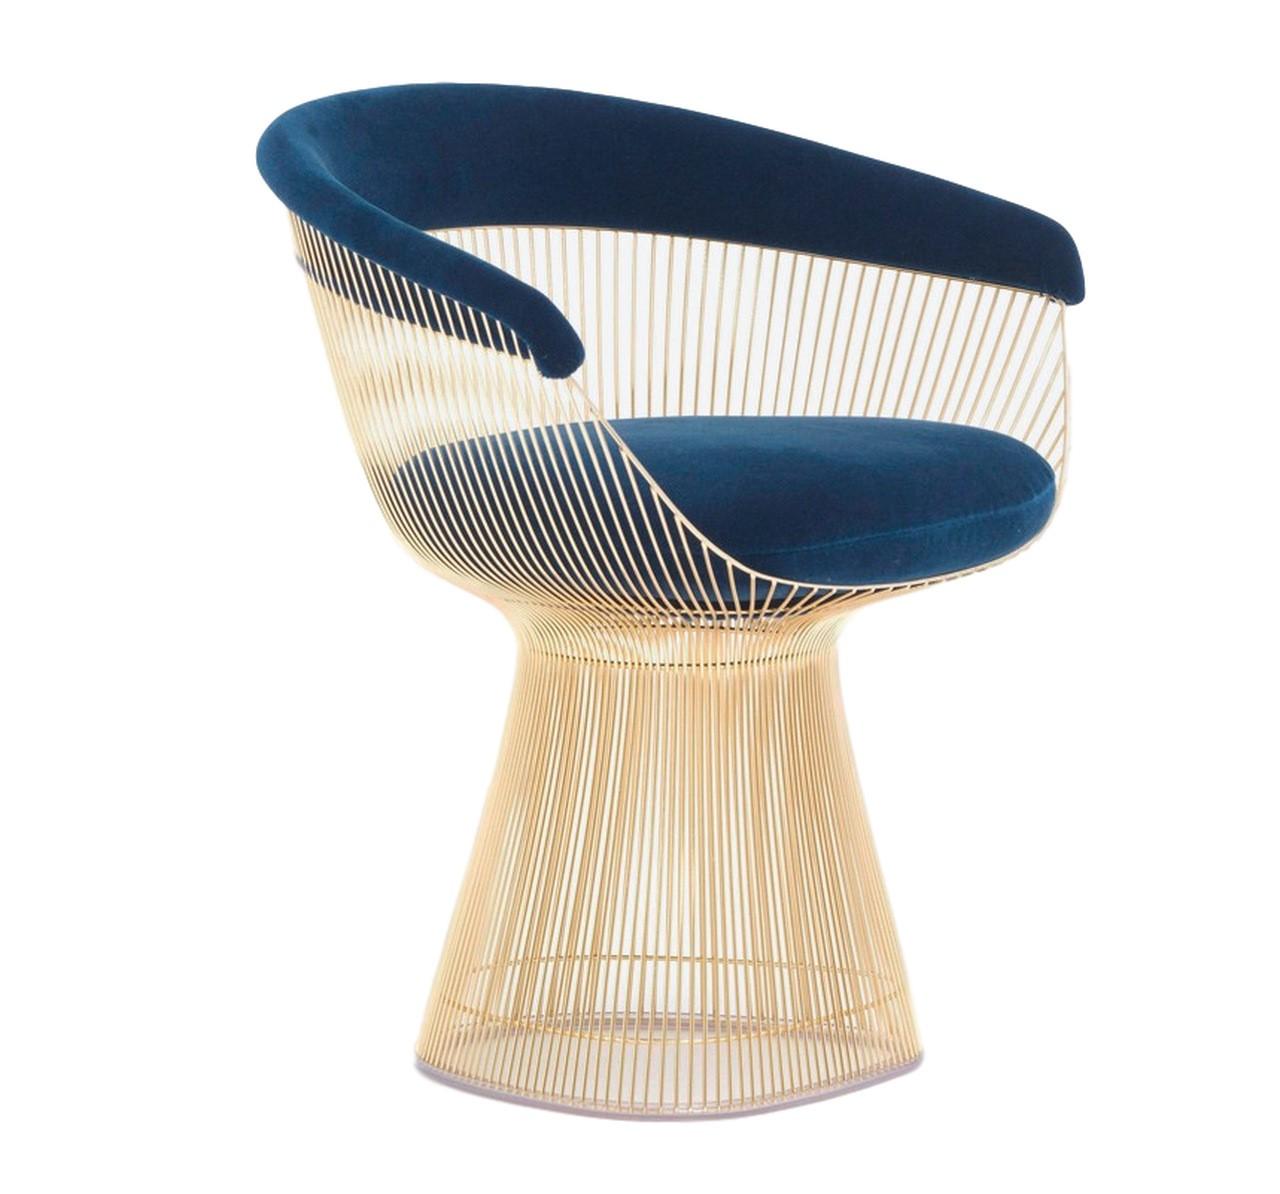 Cadeira Warren Platner Dourada